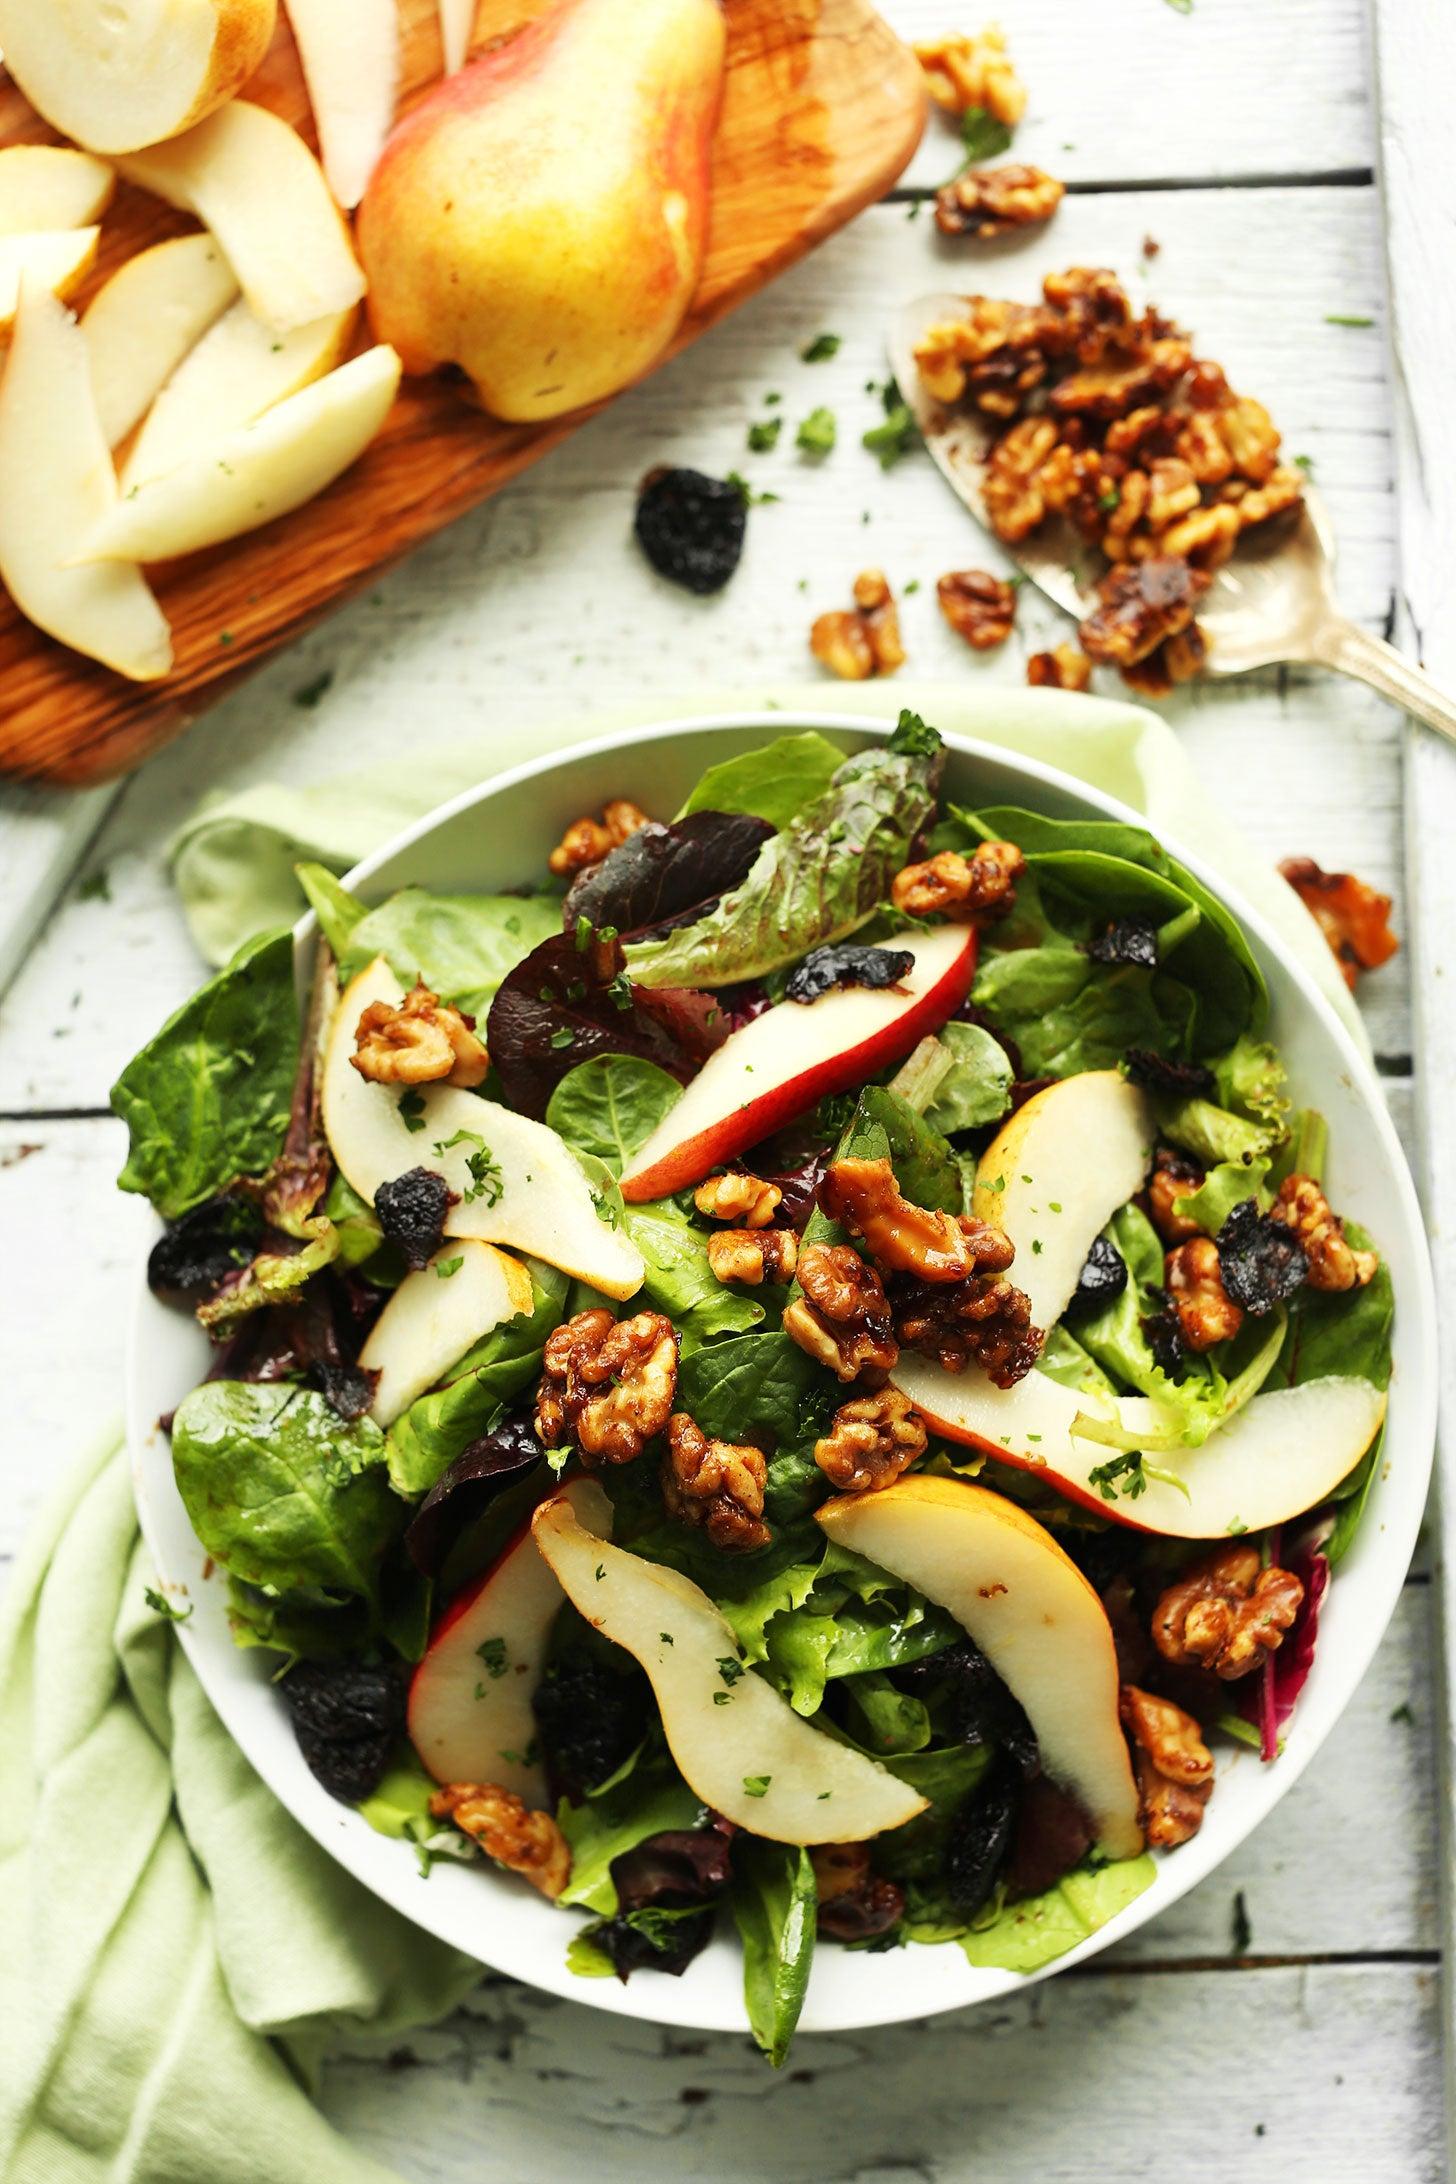 Add walnuts to salads